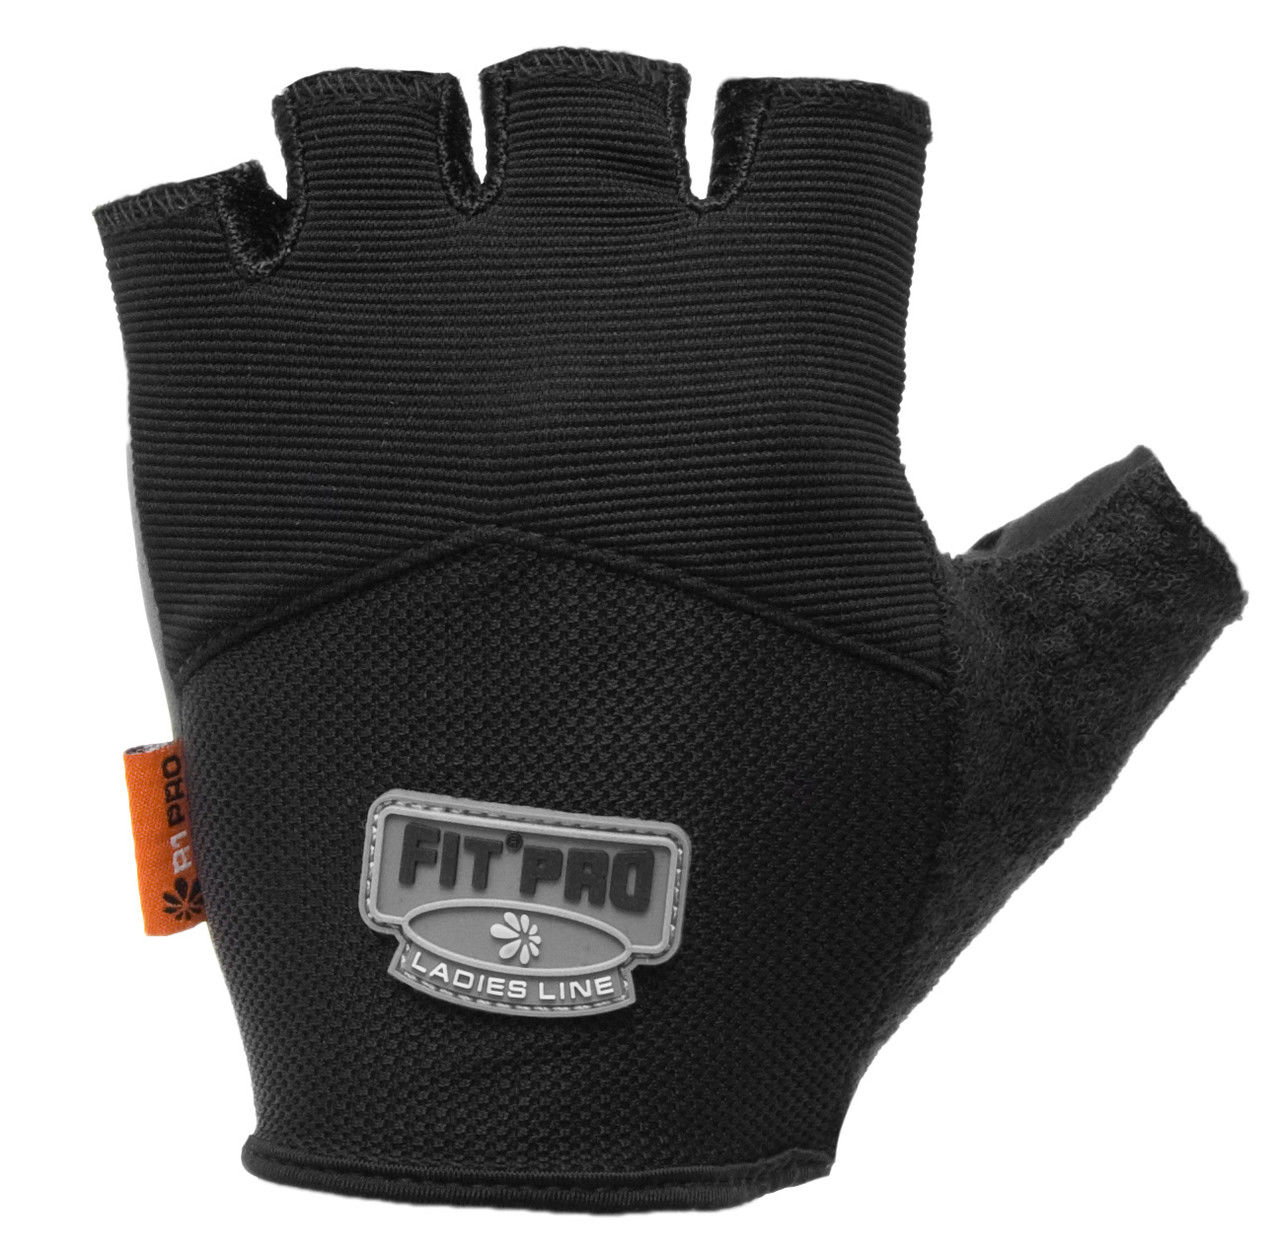 Перчатки для кроссфита Power System FP-06 R1 Pro XL, Черный фото видео изображение